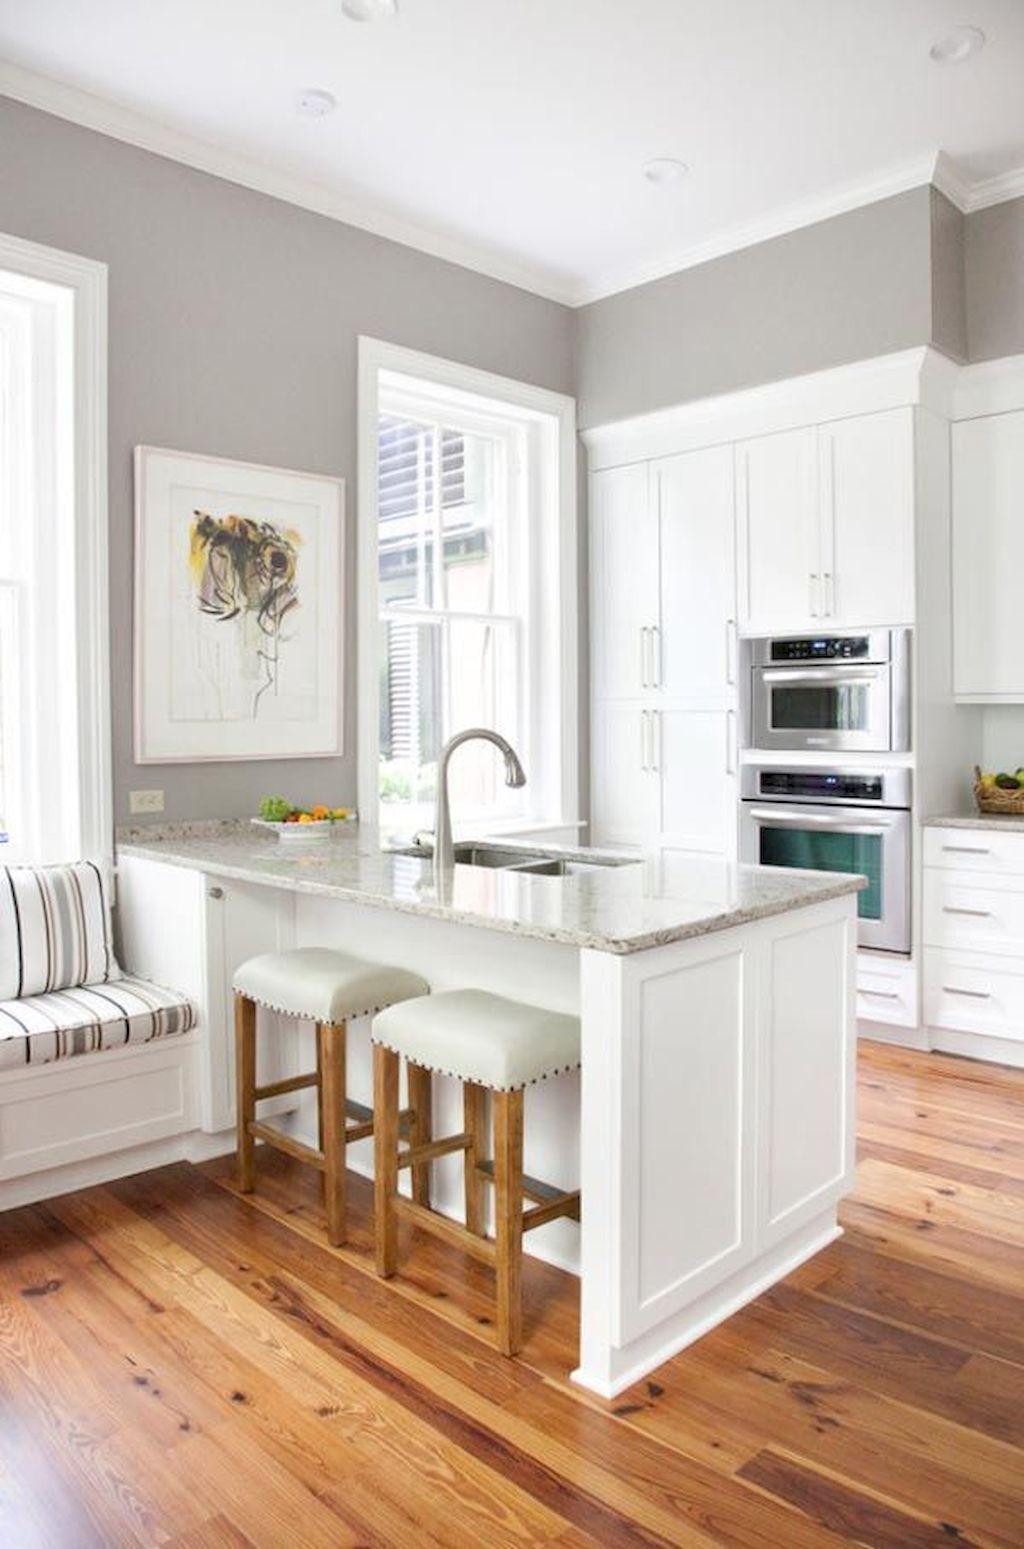 75 Awesome Tiny House Kitchen Design Ideas | House kitchen design ...